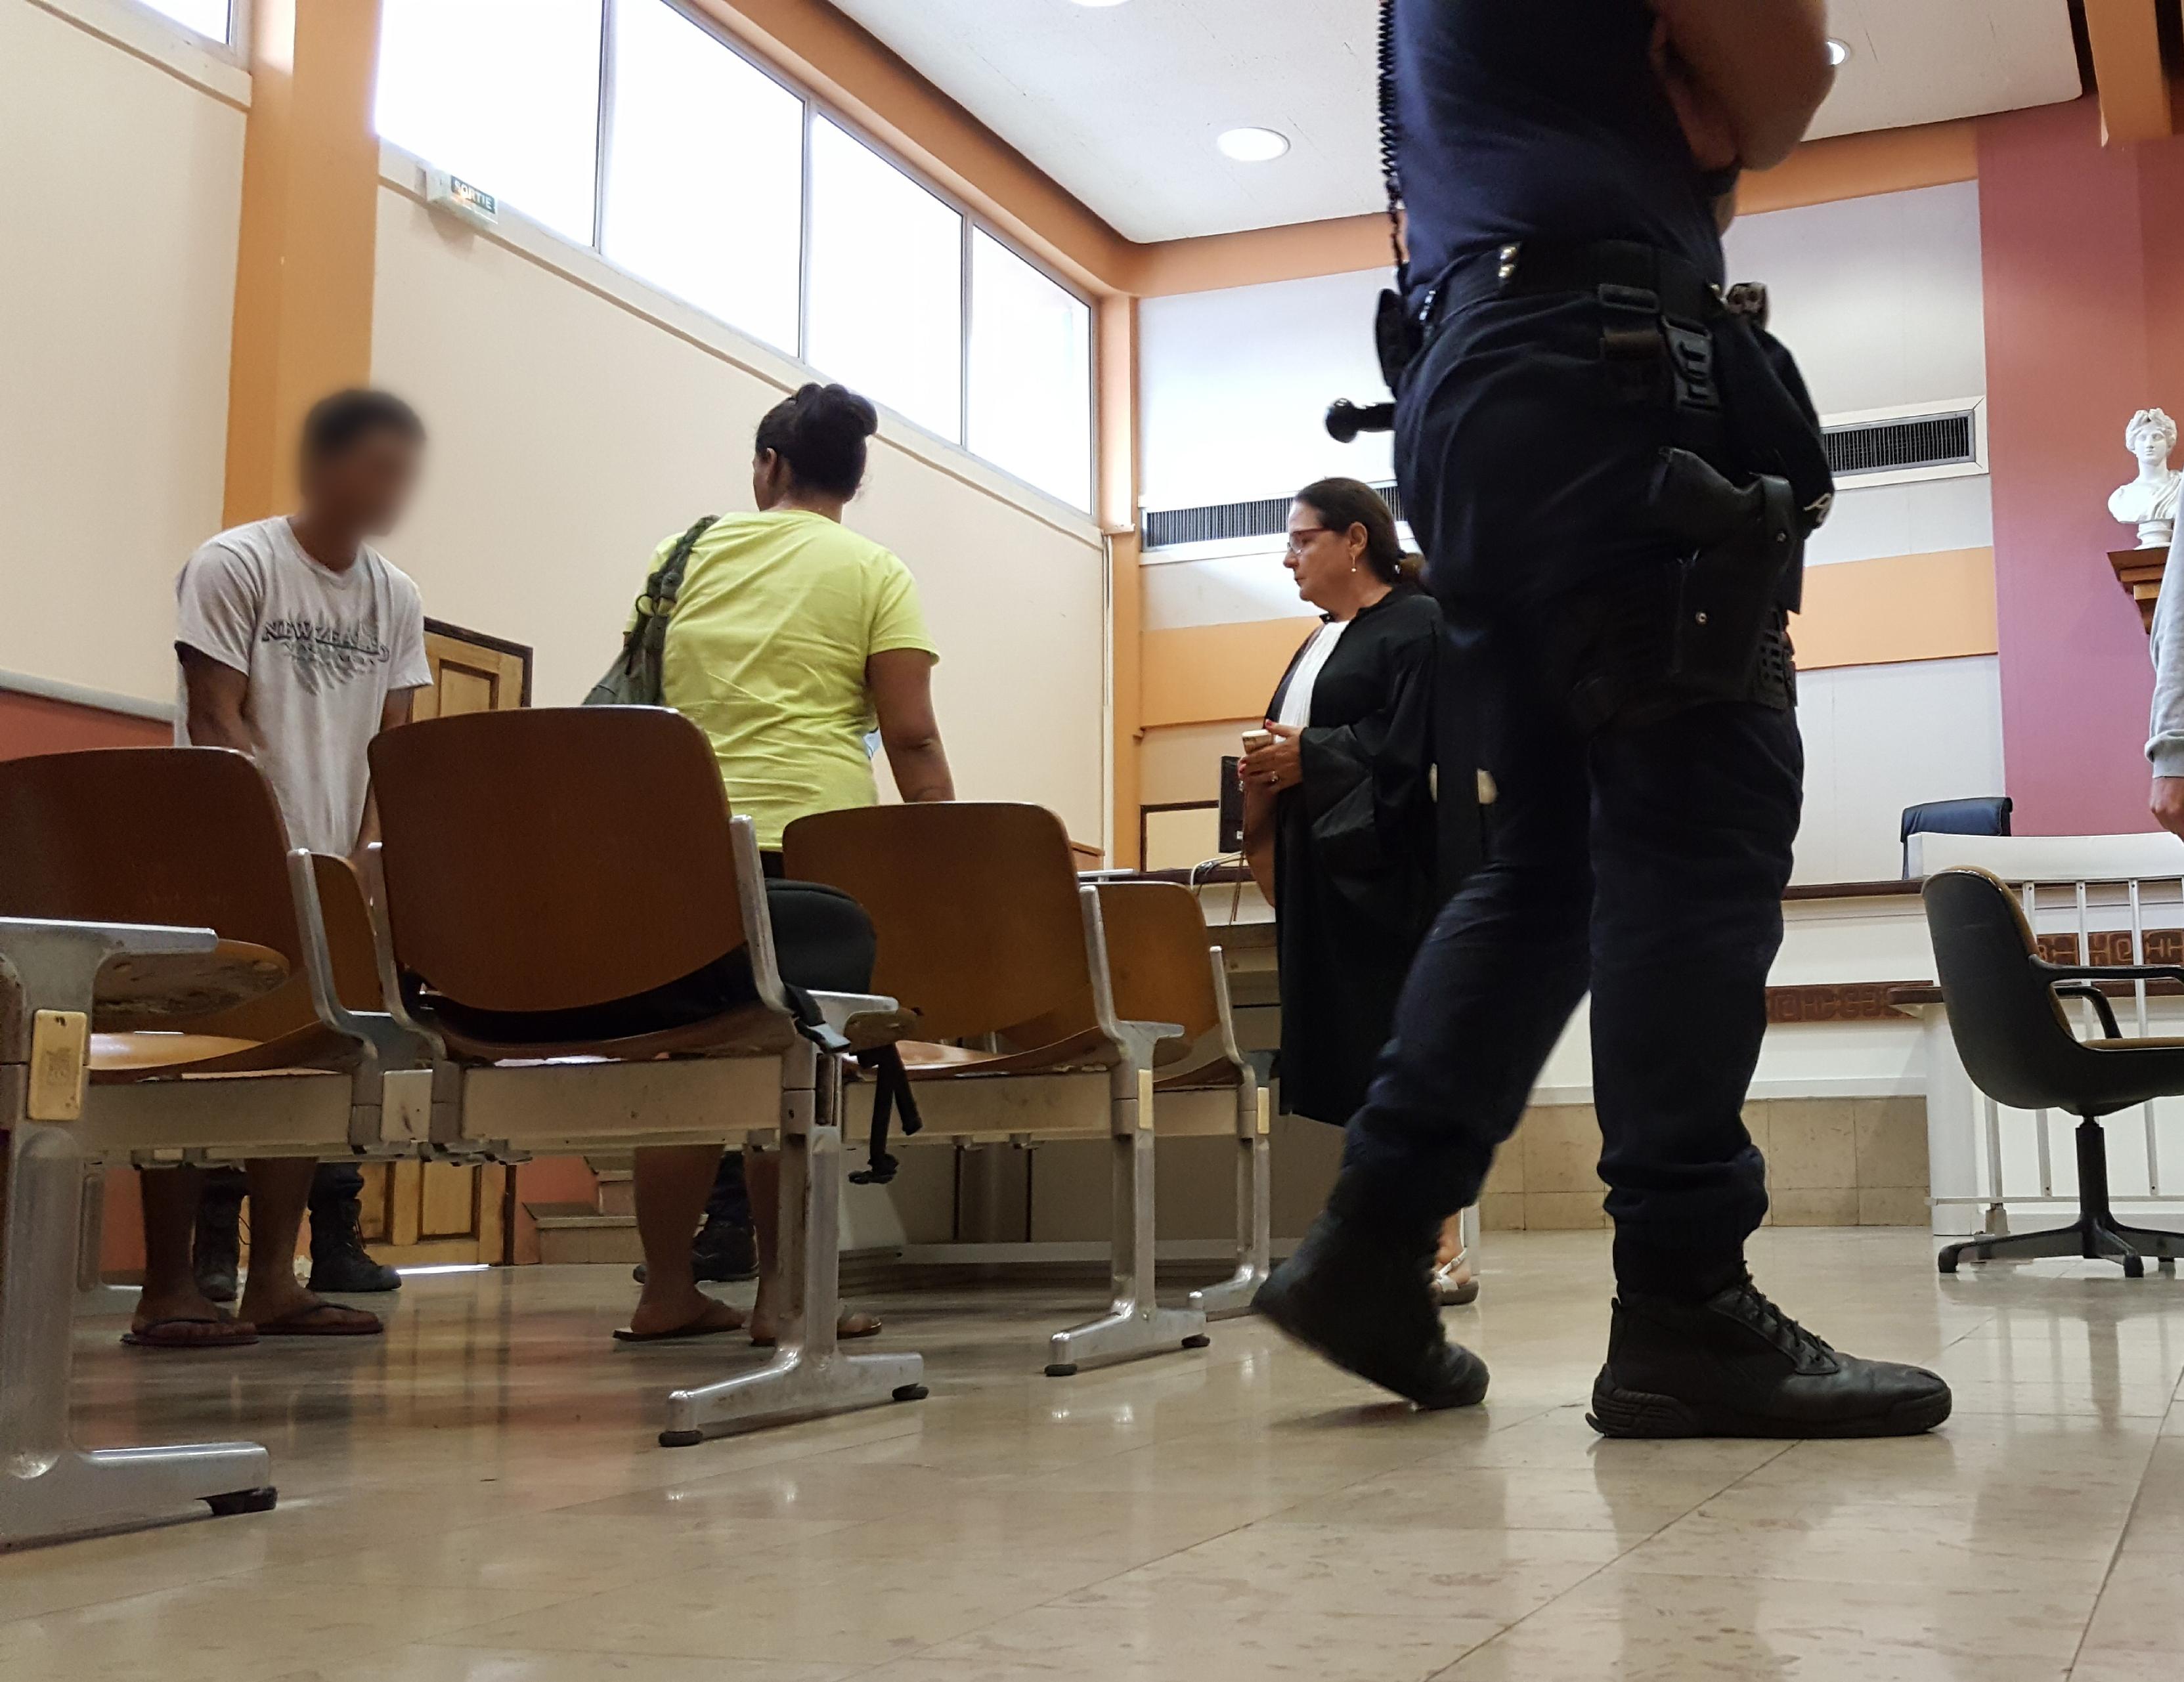 L'affaire, largement relayée sur les réseaux sociaux, avait provoqué un vif émoi  dans la communauté tahitienne en avril dernier. (Archives)